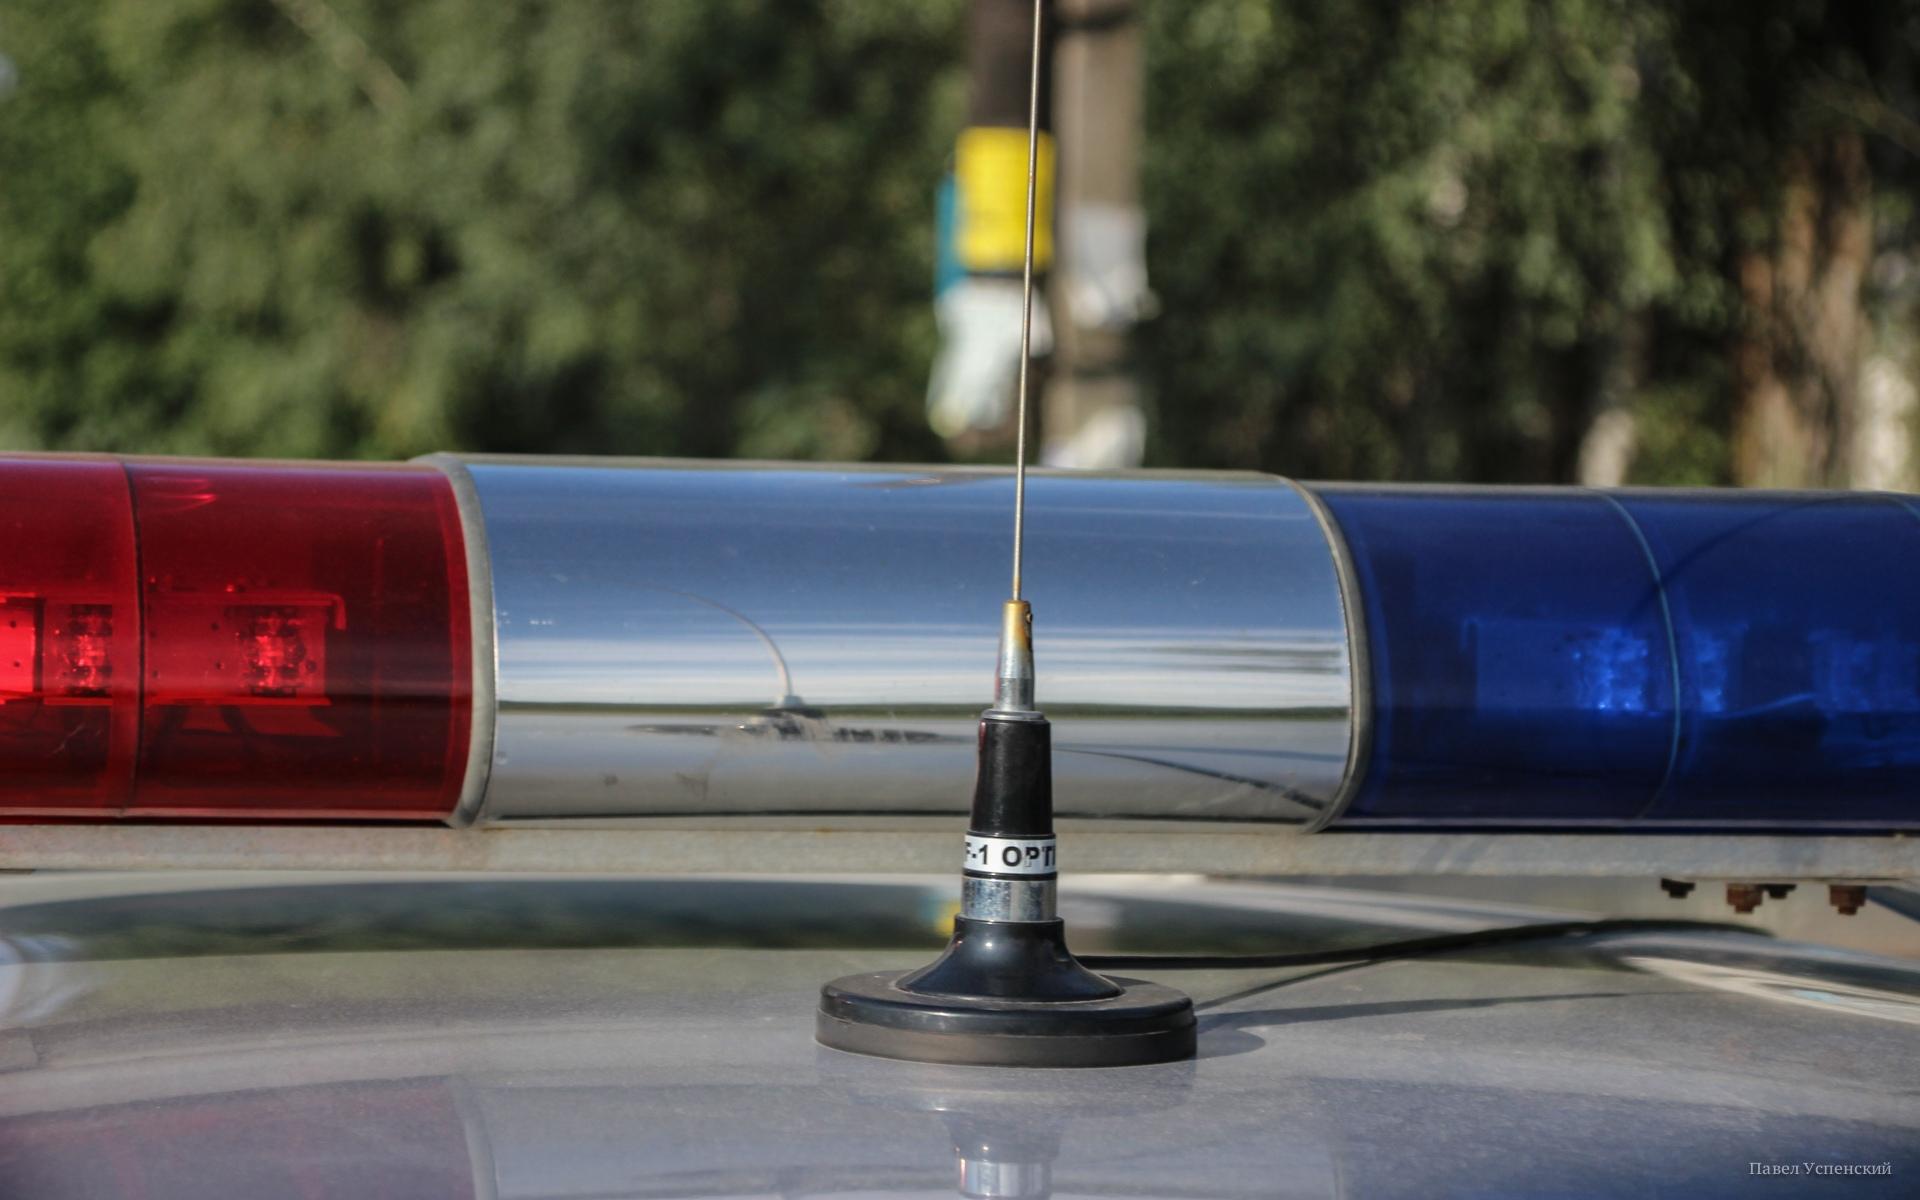 Нетрезвый водитель, женщина и ребенок получили травмы в ДТП в Тверской области - новости Афанасий